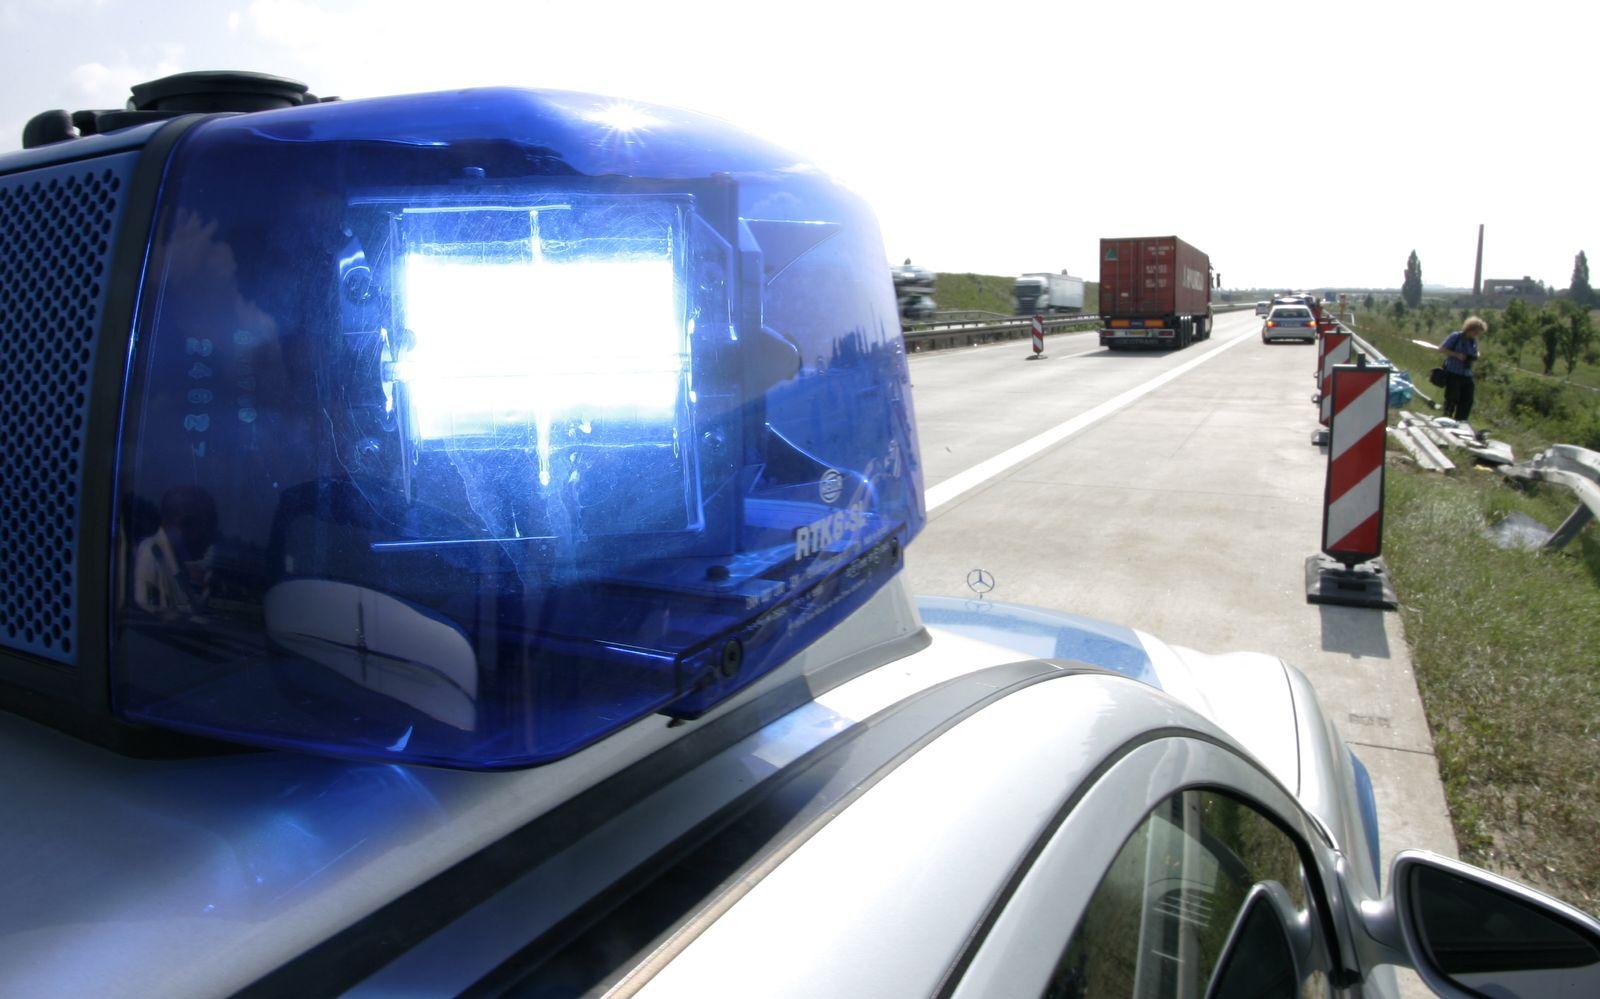 NICHT VERWENDEN Polizei / Blaulicht